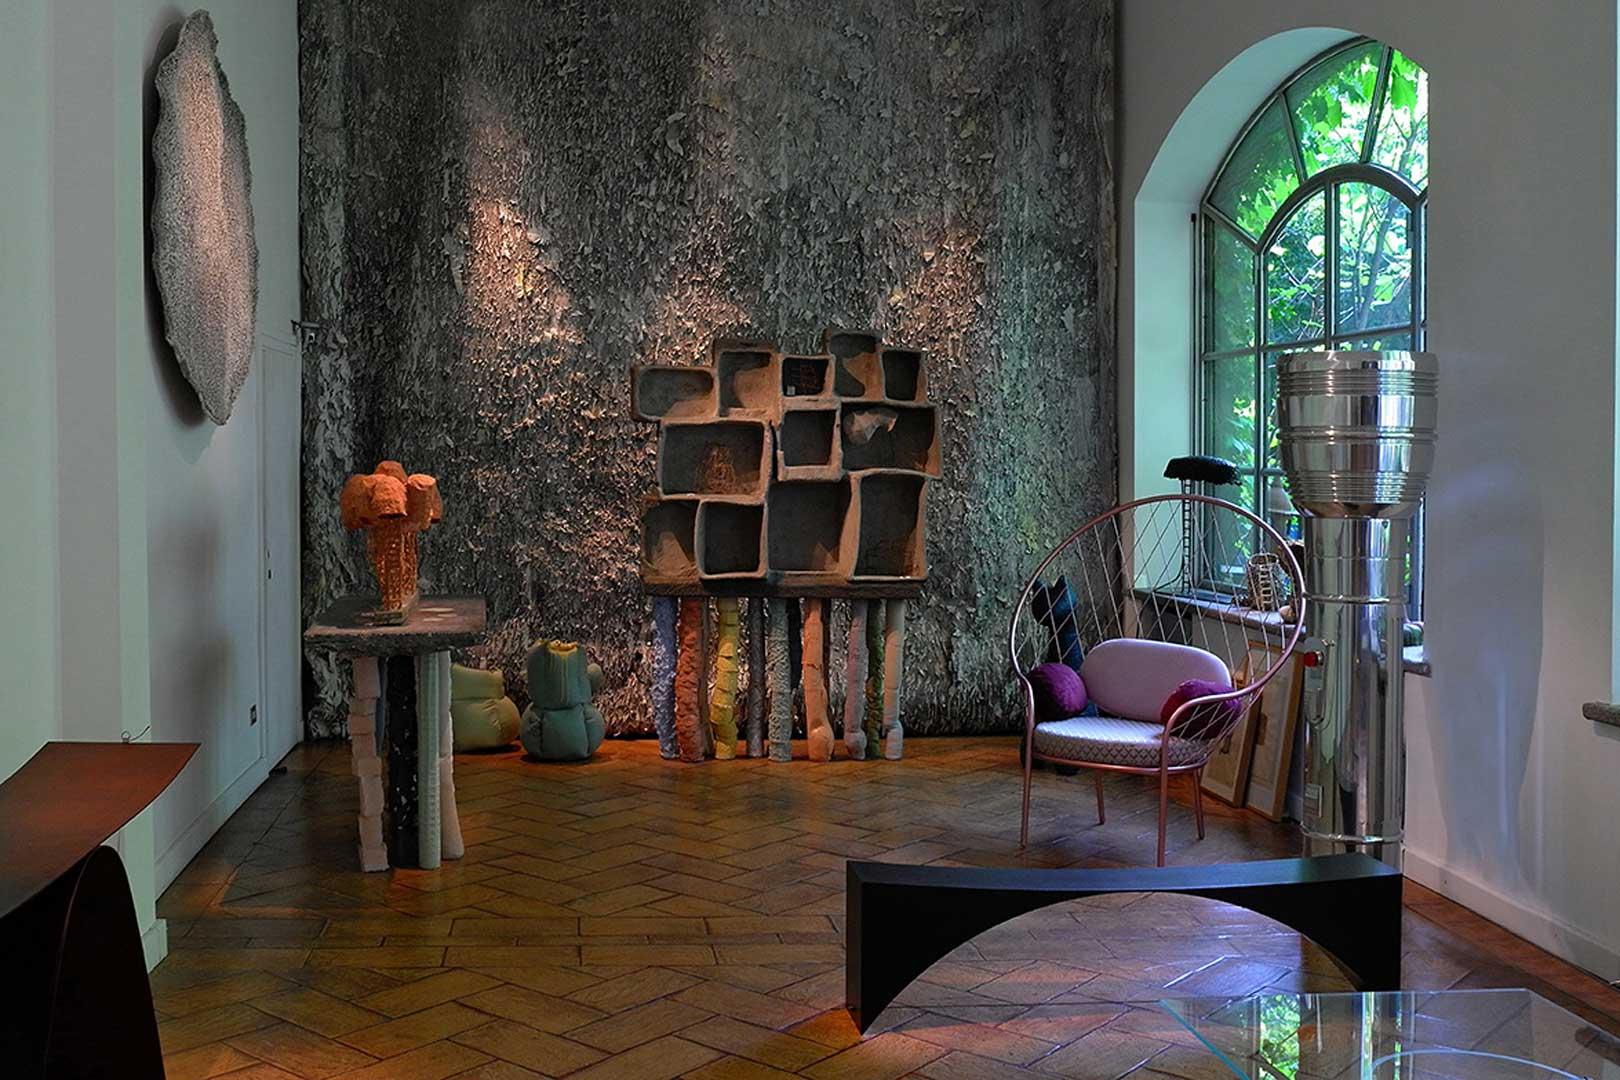 Galleria Rossana Orlandi - Milano